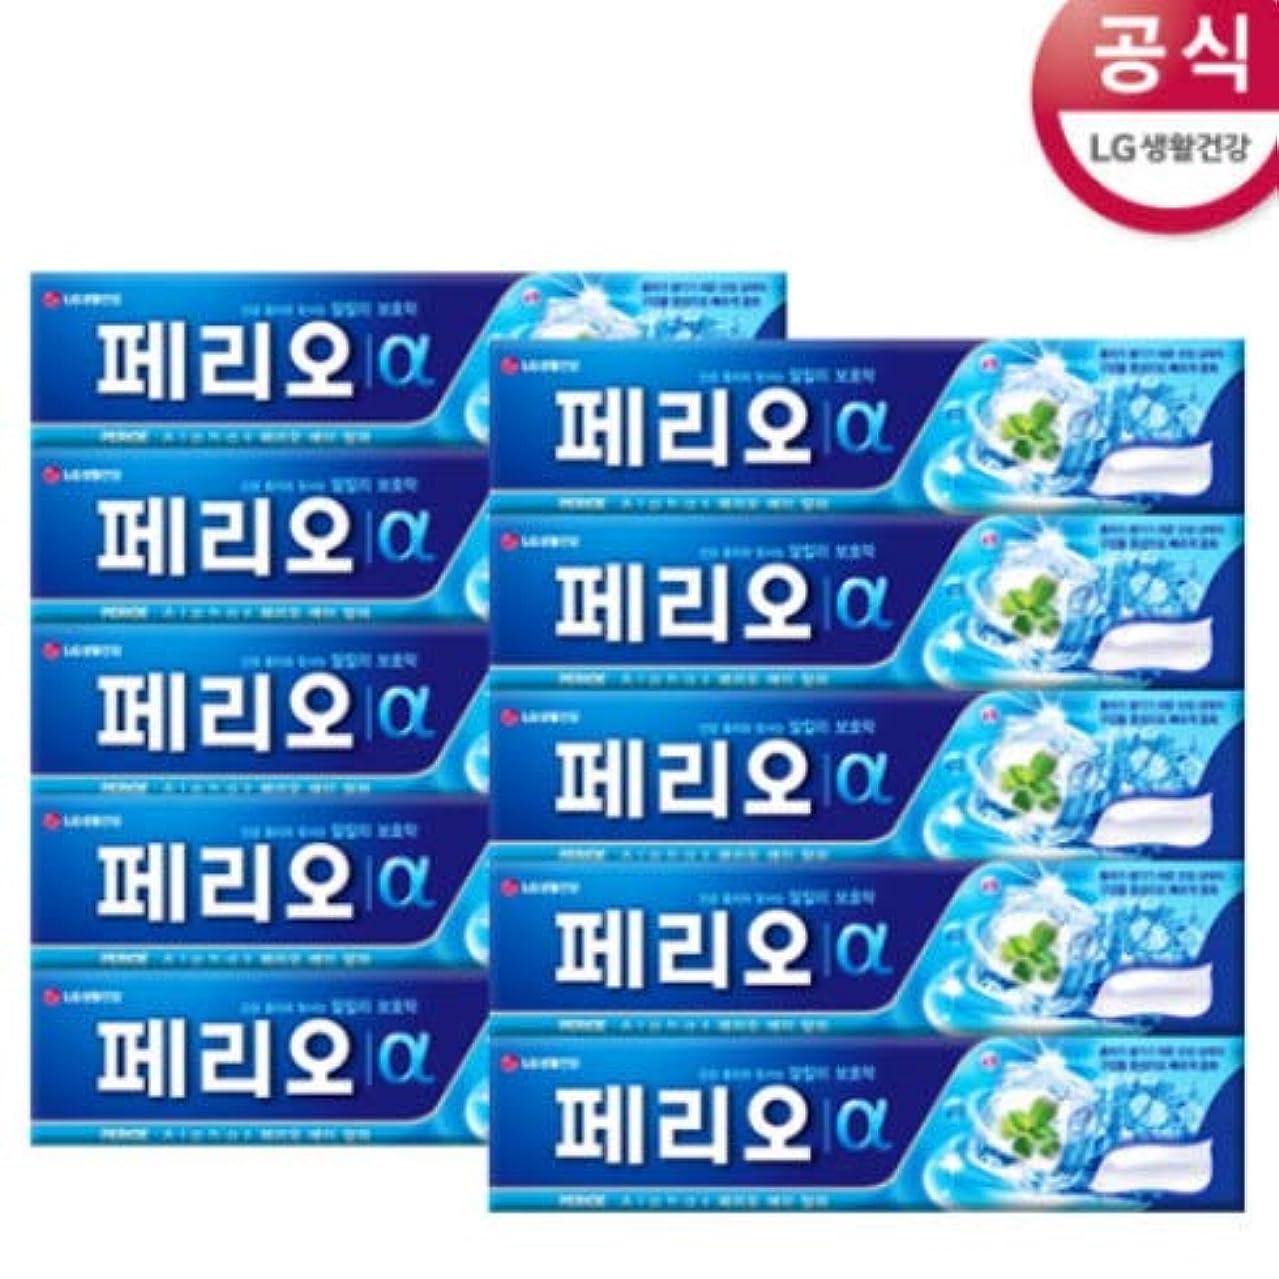 おじいちゃんナビゲーション架空の[LG HnB] Perio Alpha Toothpaste/ペリオアルファ歯磨き粉 170gx10個(海外直送品)